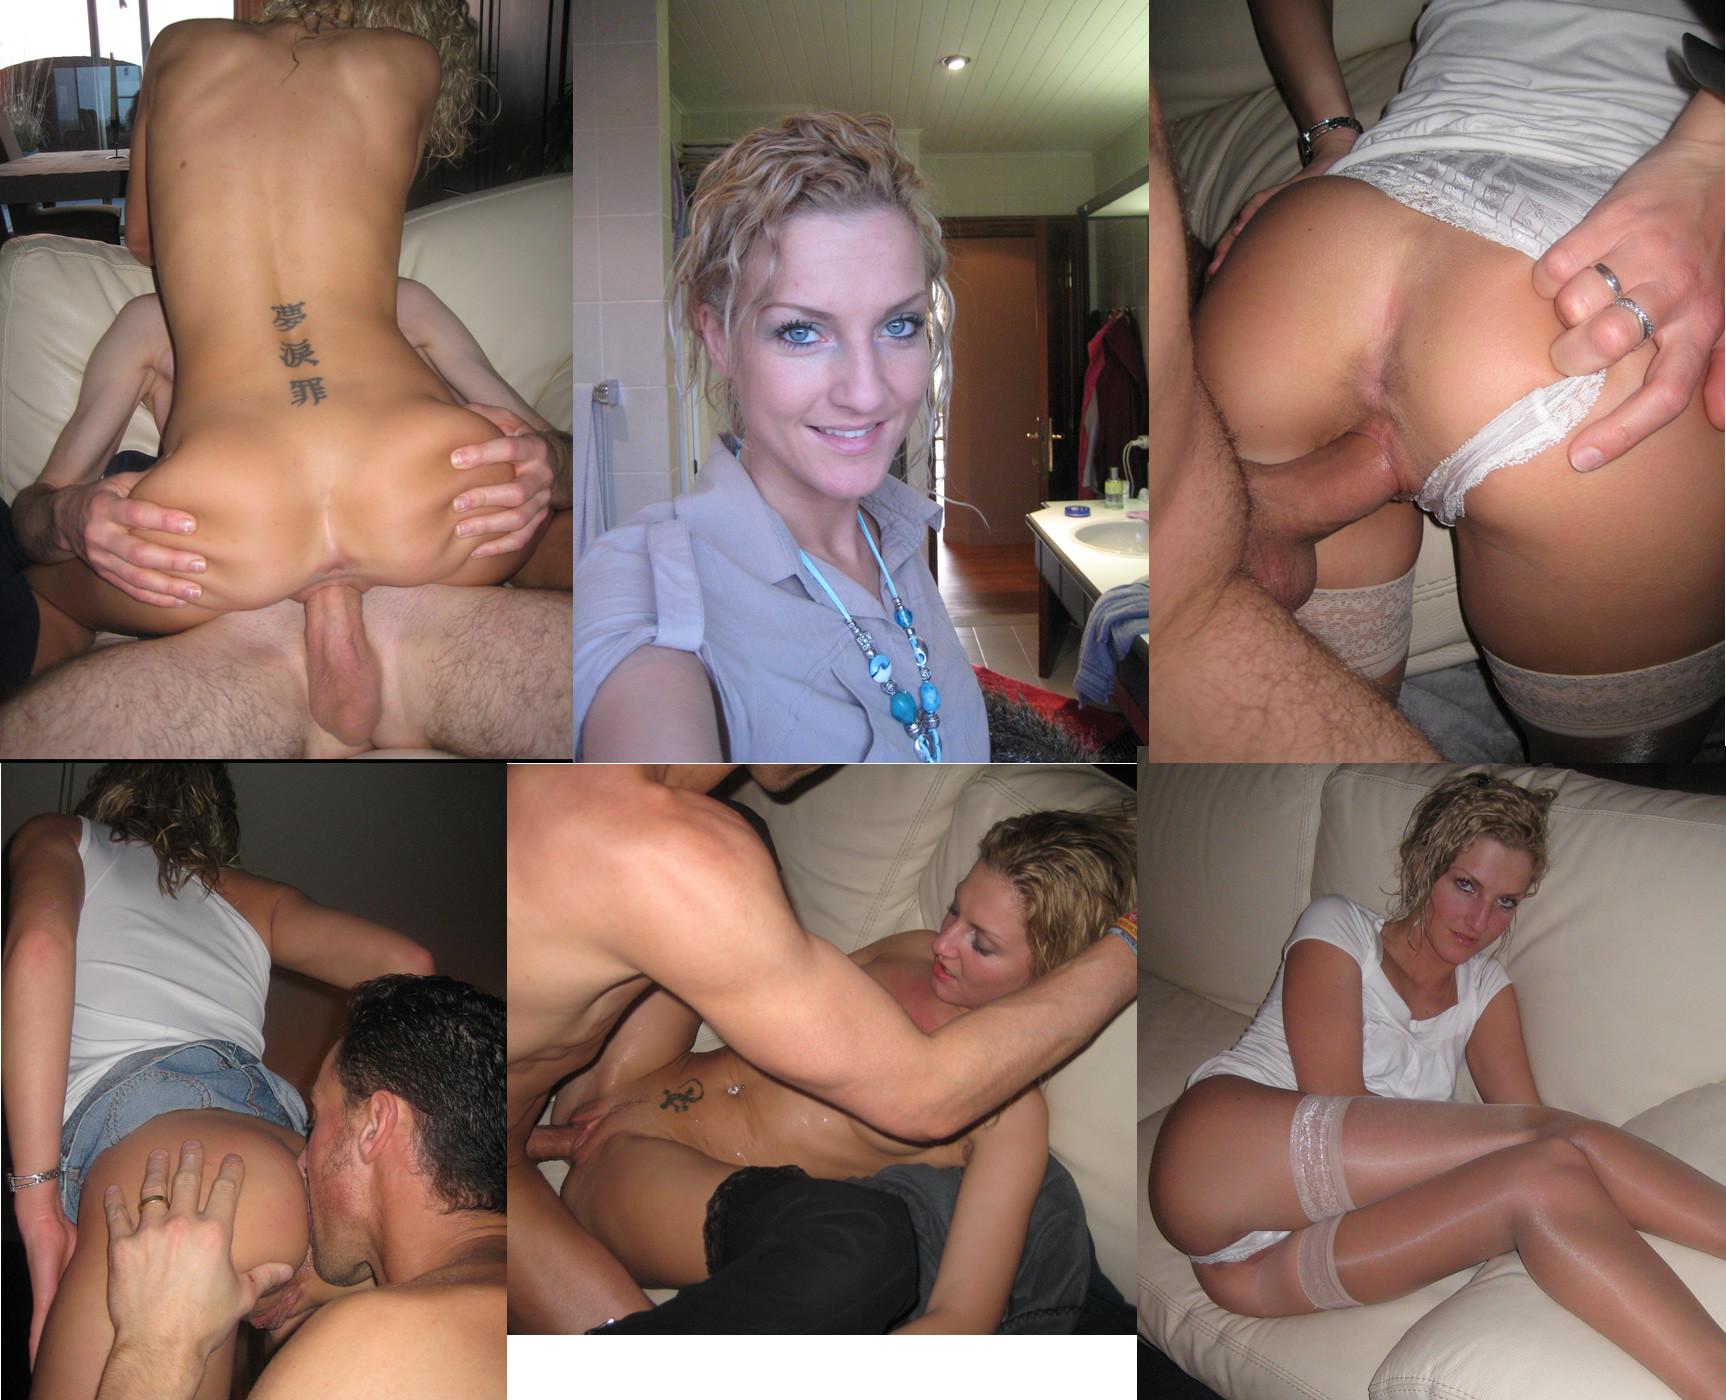 Amateur slut jerking dick in hot amateur porn sex cam sites free live sex webcams